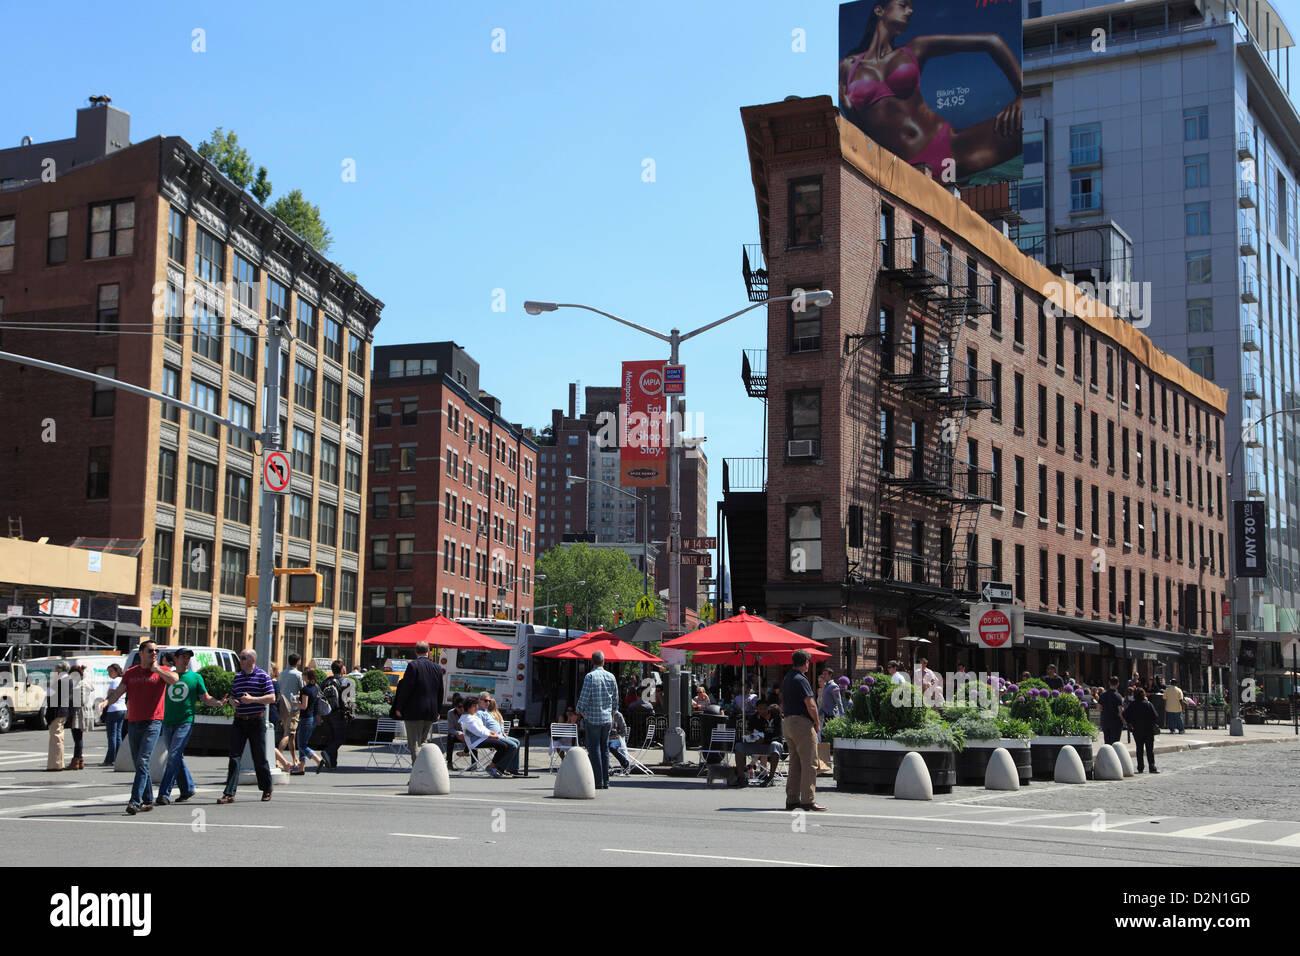 Meatpacking District, downtown Szeneviertel, Manhattan, New York City, Vereinigte Staaten von Amerika, Nordamerika Stockfoto